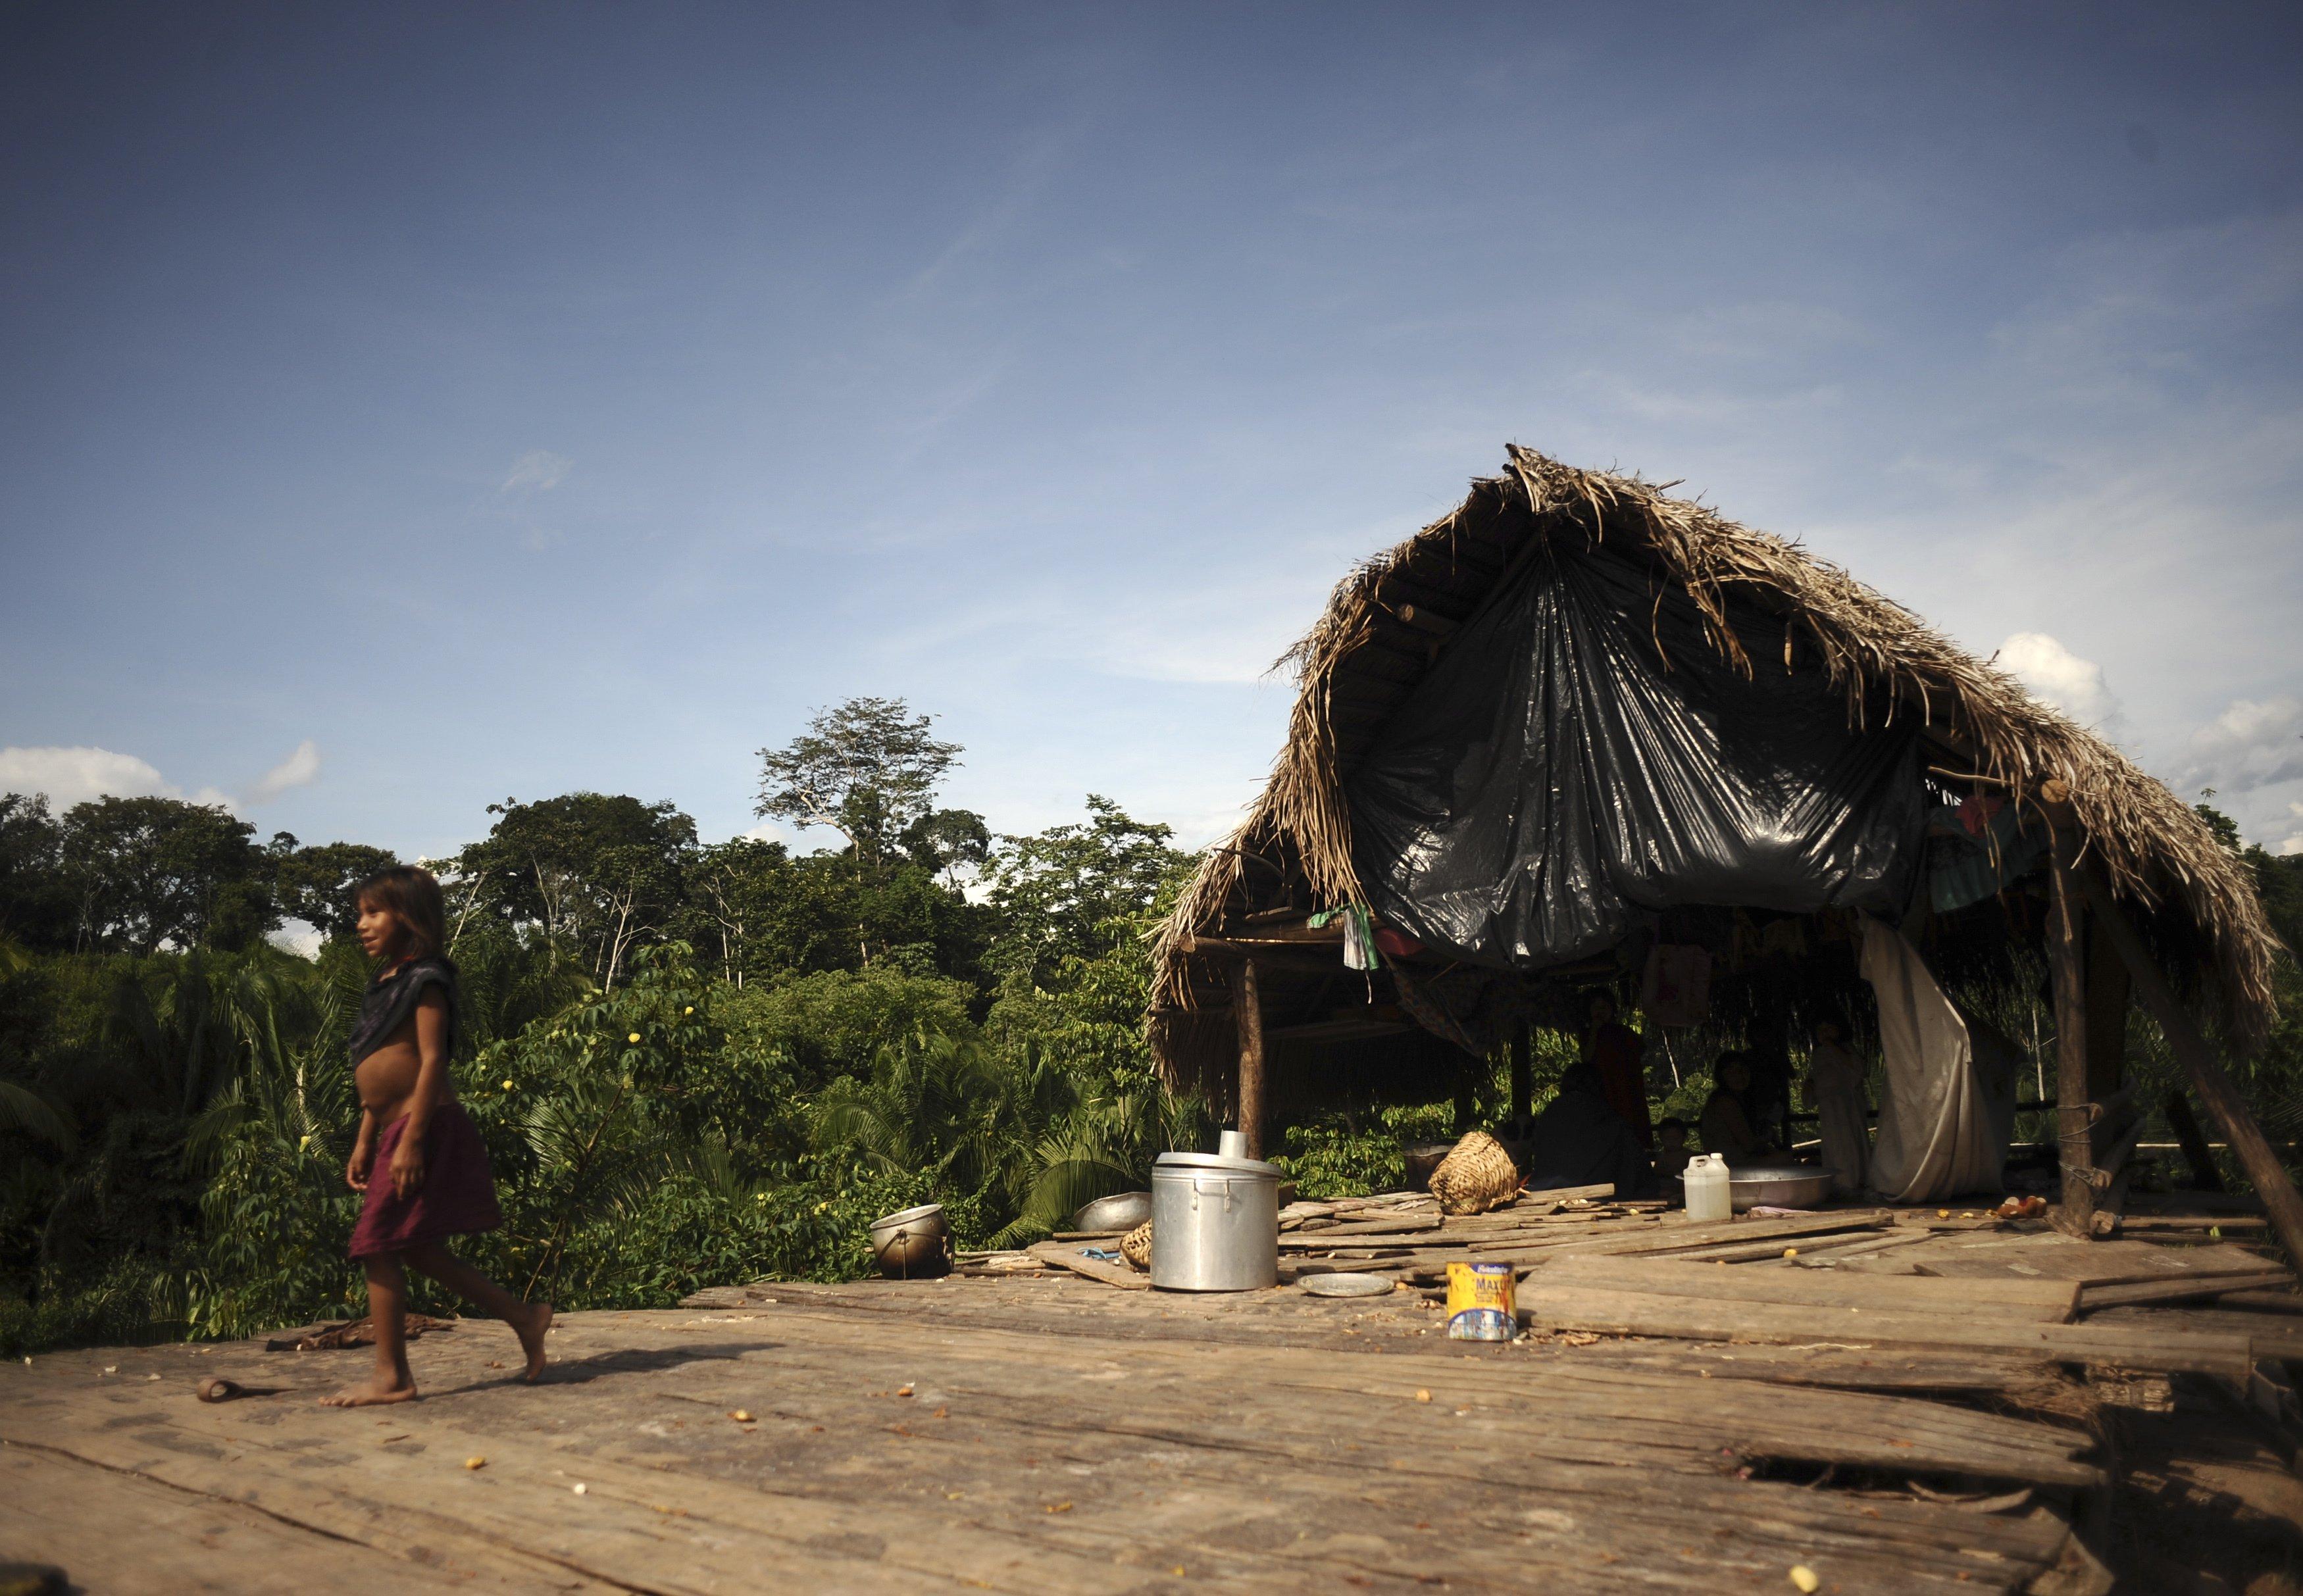 Секс индейцами в джунгли 29 фотография